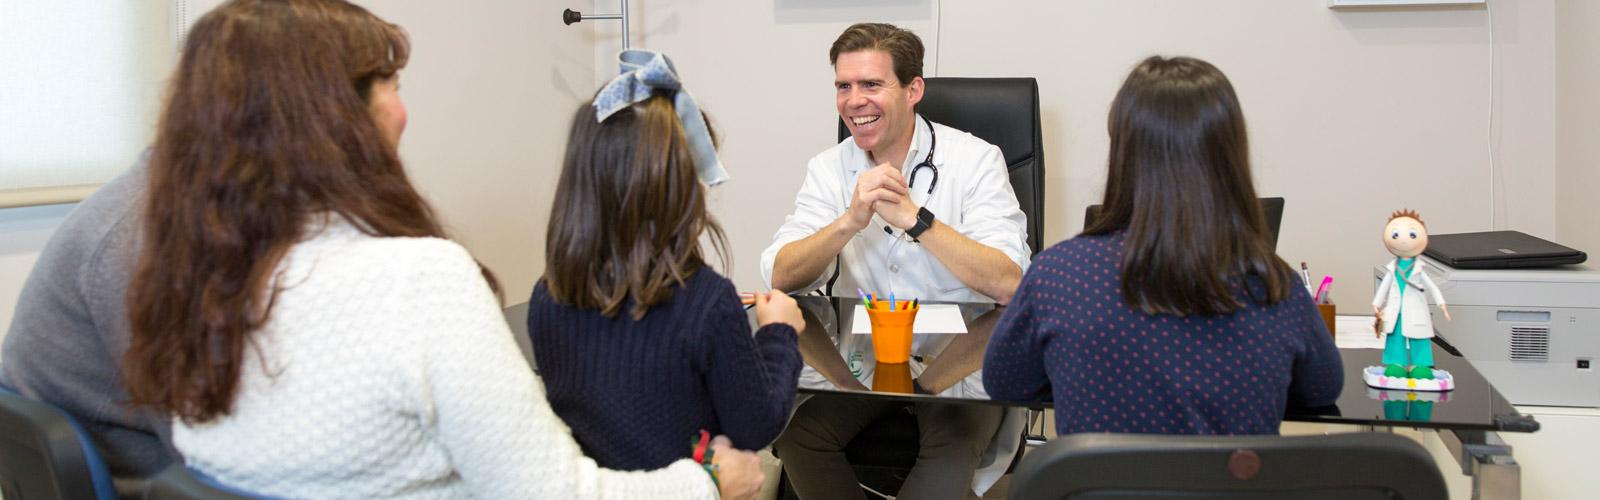 Centro médico especializado